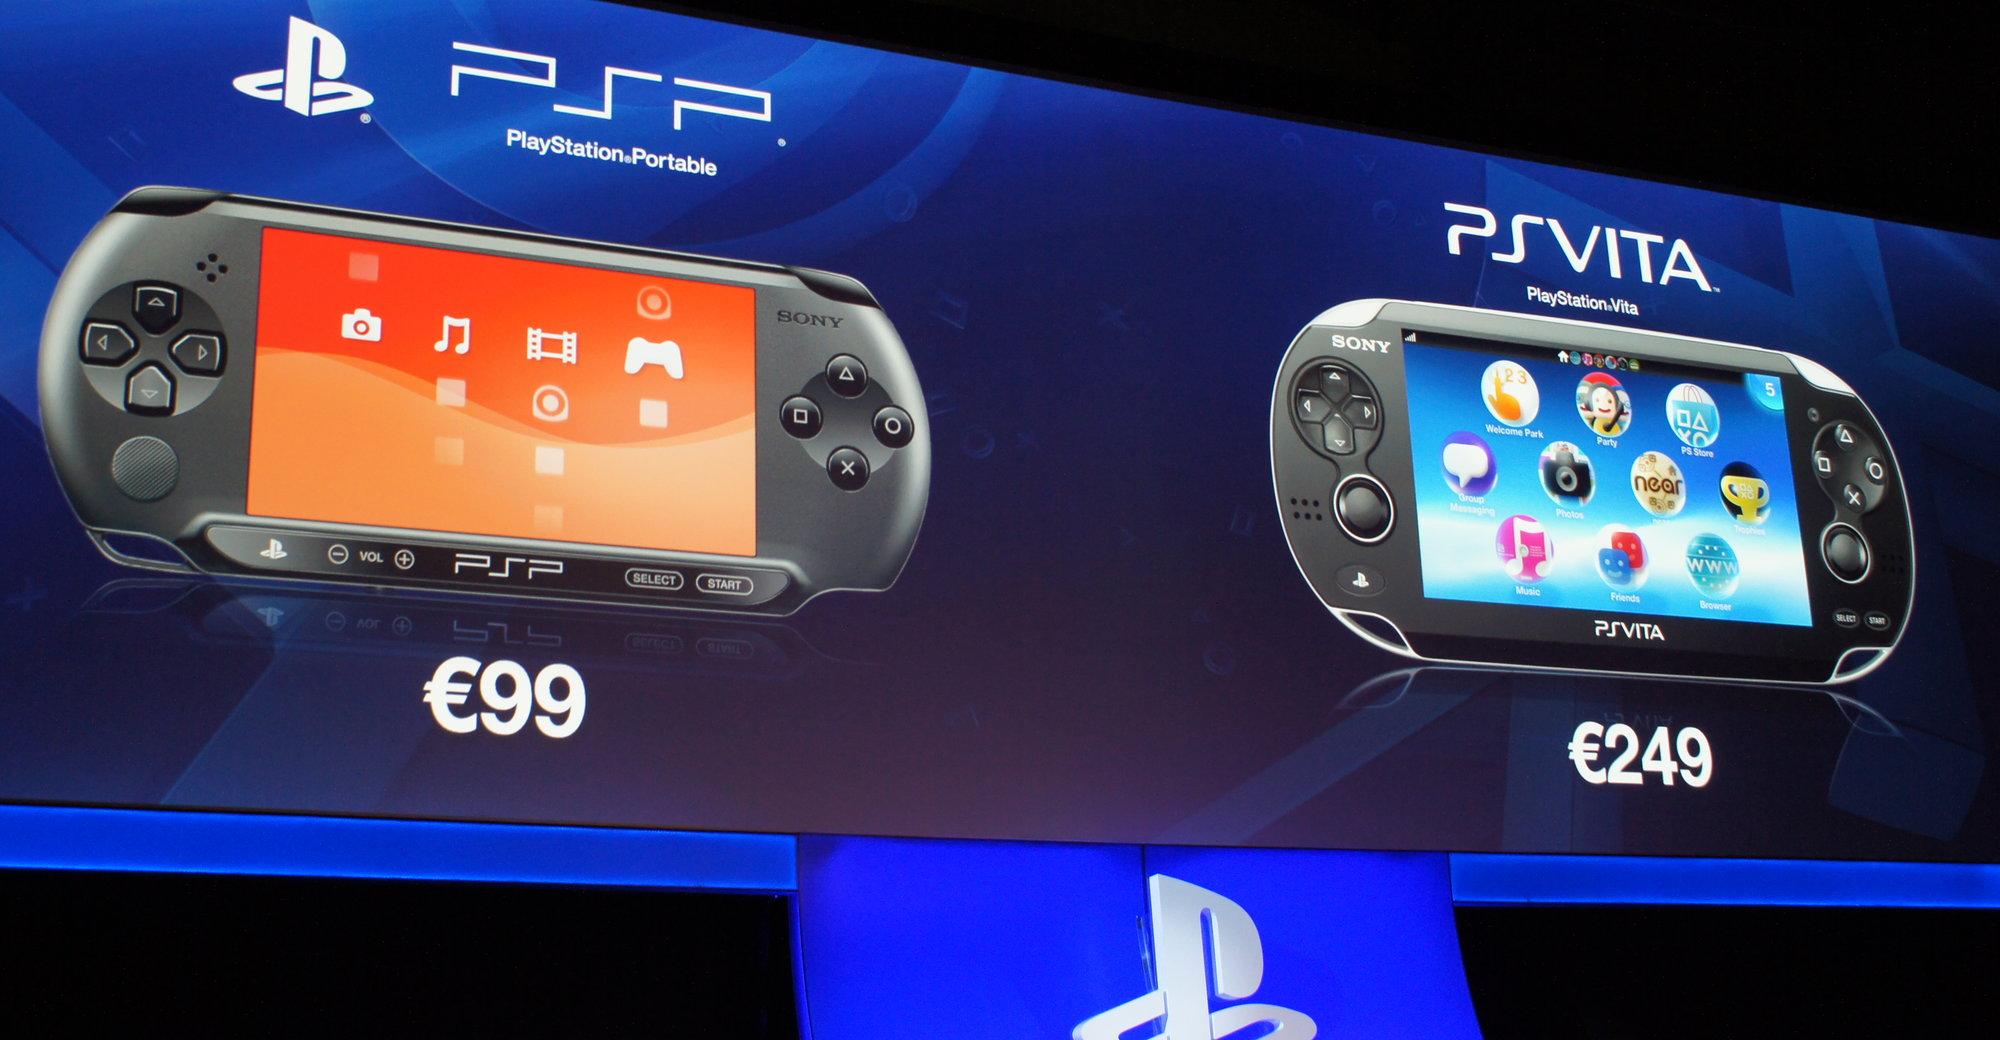 Opprinnelig skulle du kunne overføre UMD-spill fra PSP til Vita mot et lite mellomlegg. Nå blir det ingen rabatt - i hvert fall ikke i USA.